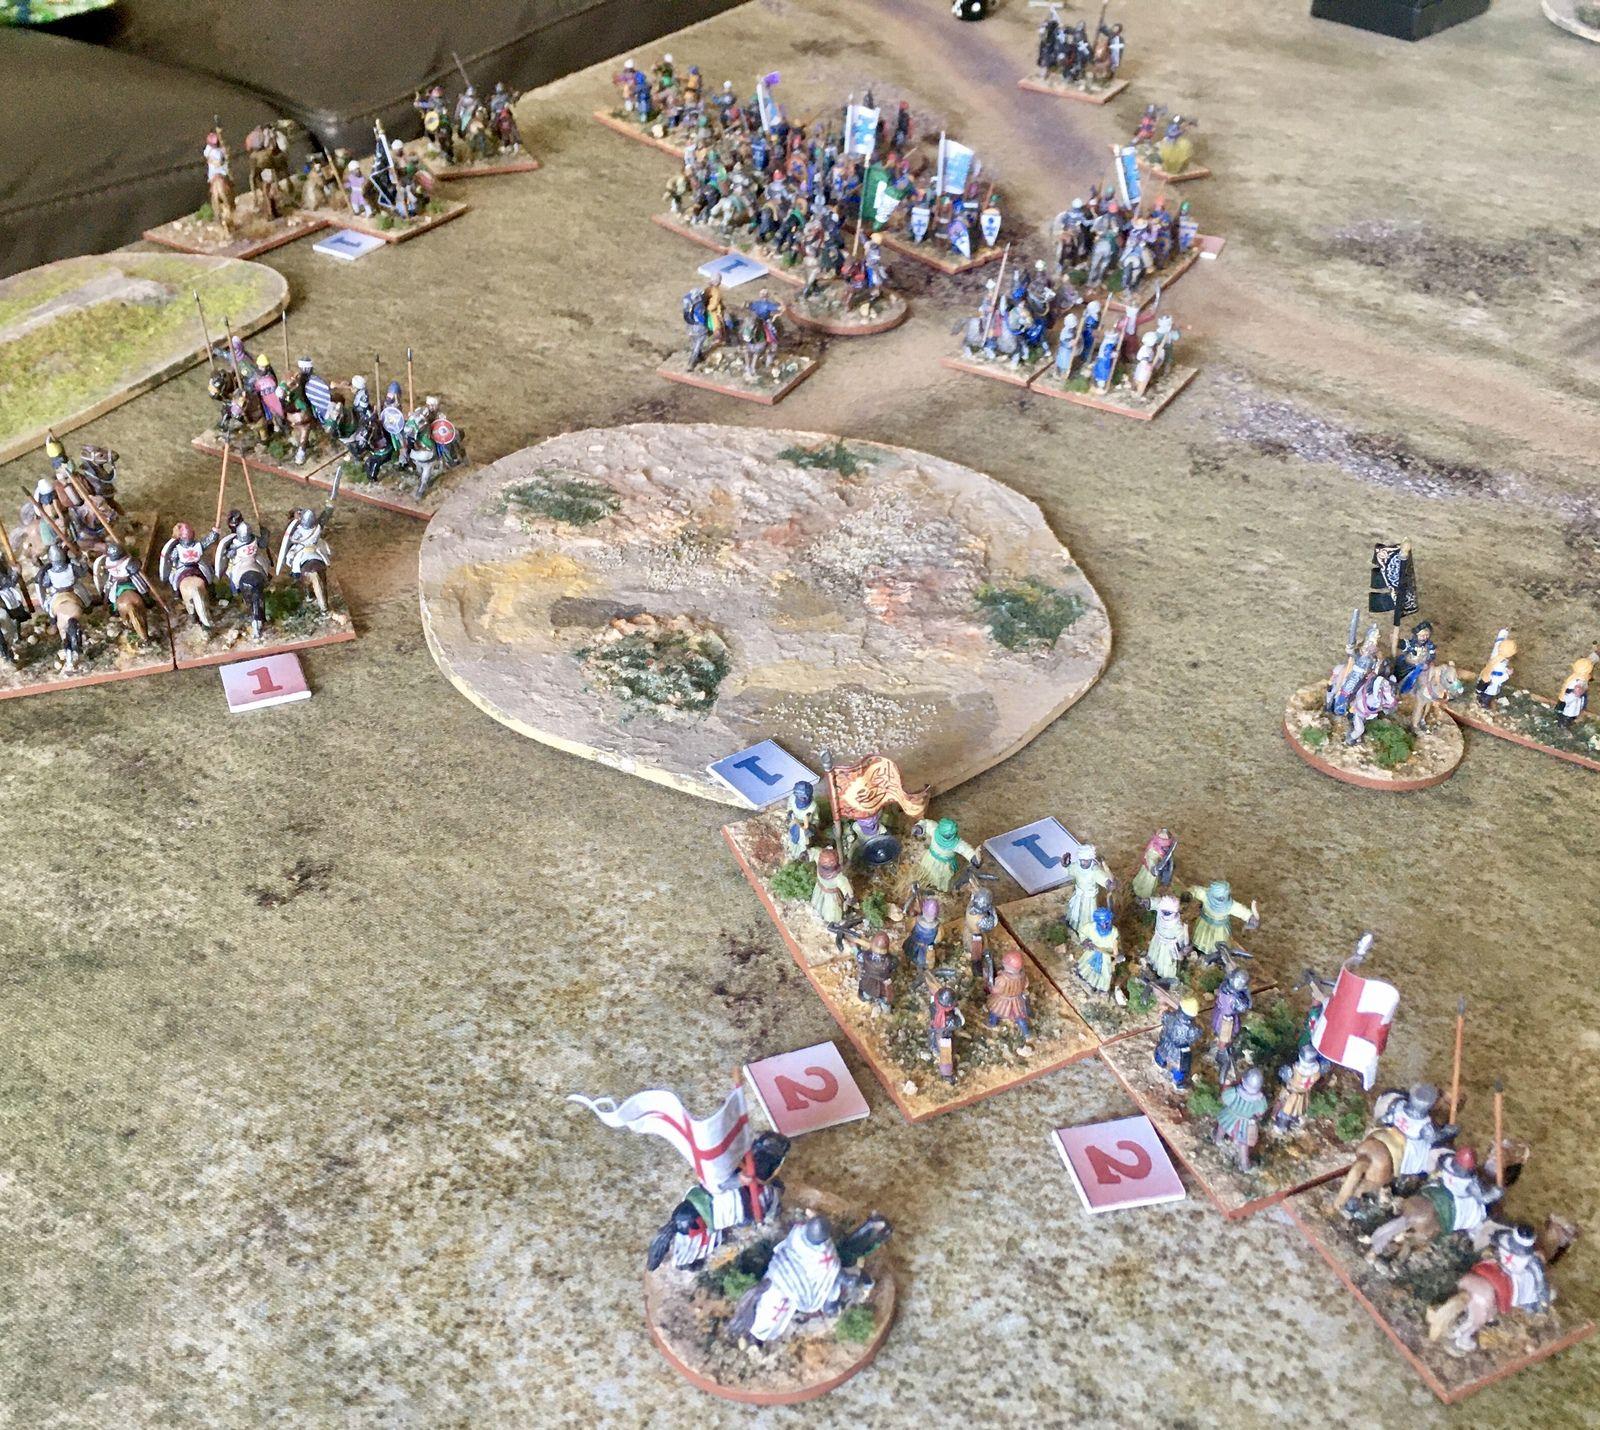 Les archers soudanais se jettent alors sur les arbalétriers templiers pour participer à la curée !